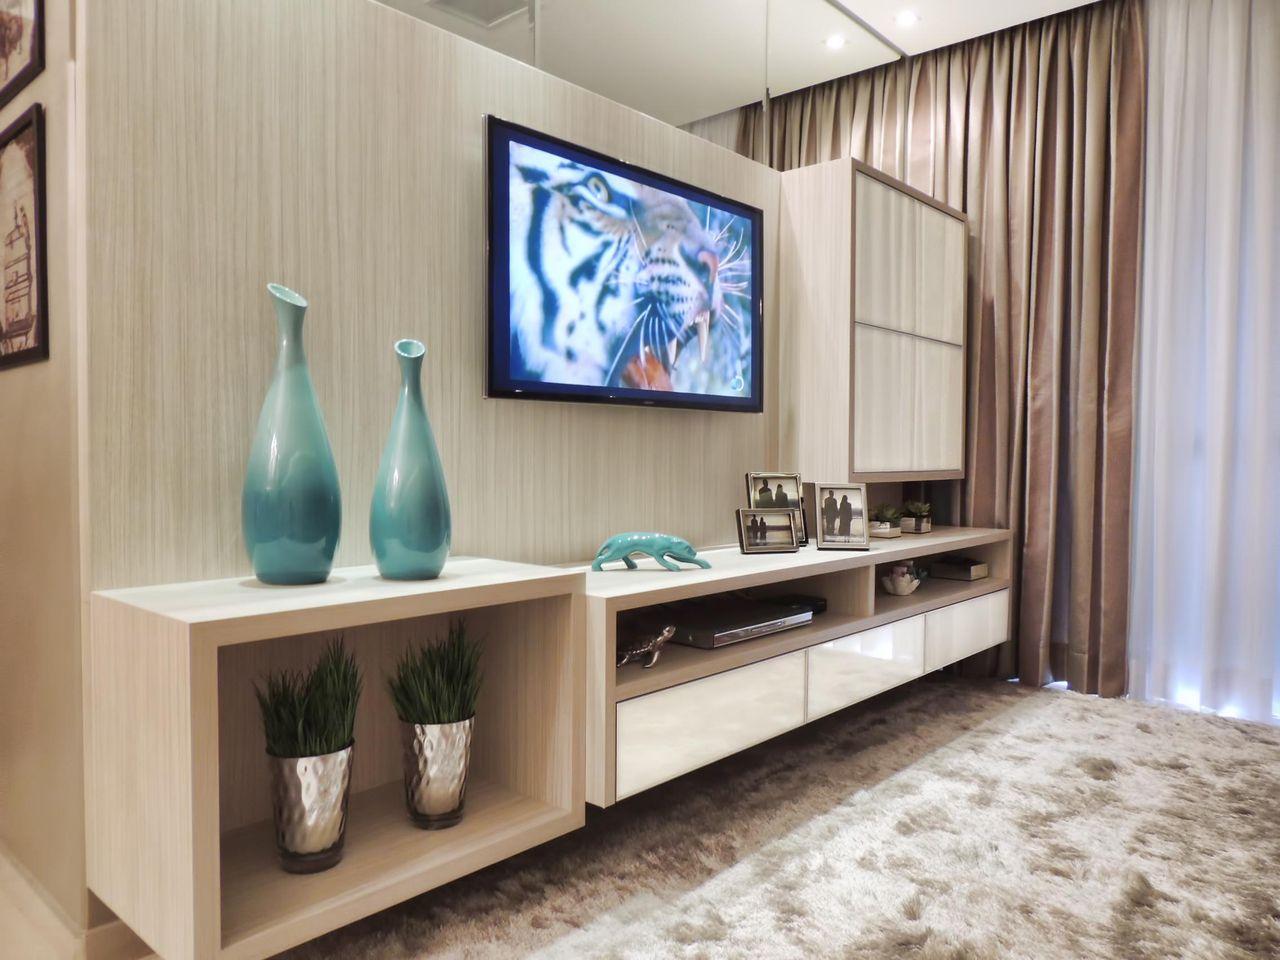 #396592 Tons de marrom de Only Design de Interiores 37863 no Viva Decora 1280x960 píxeis em Decoração Sala De Estar Marrom